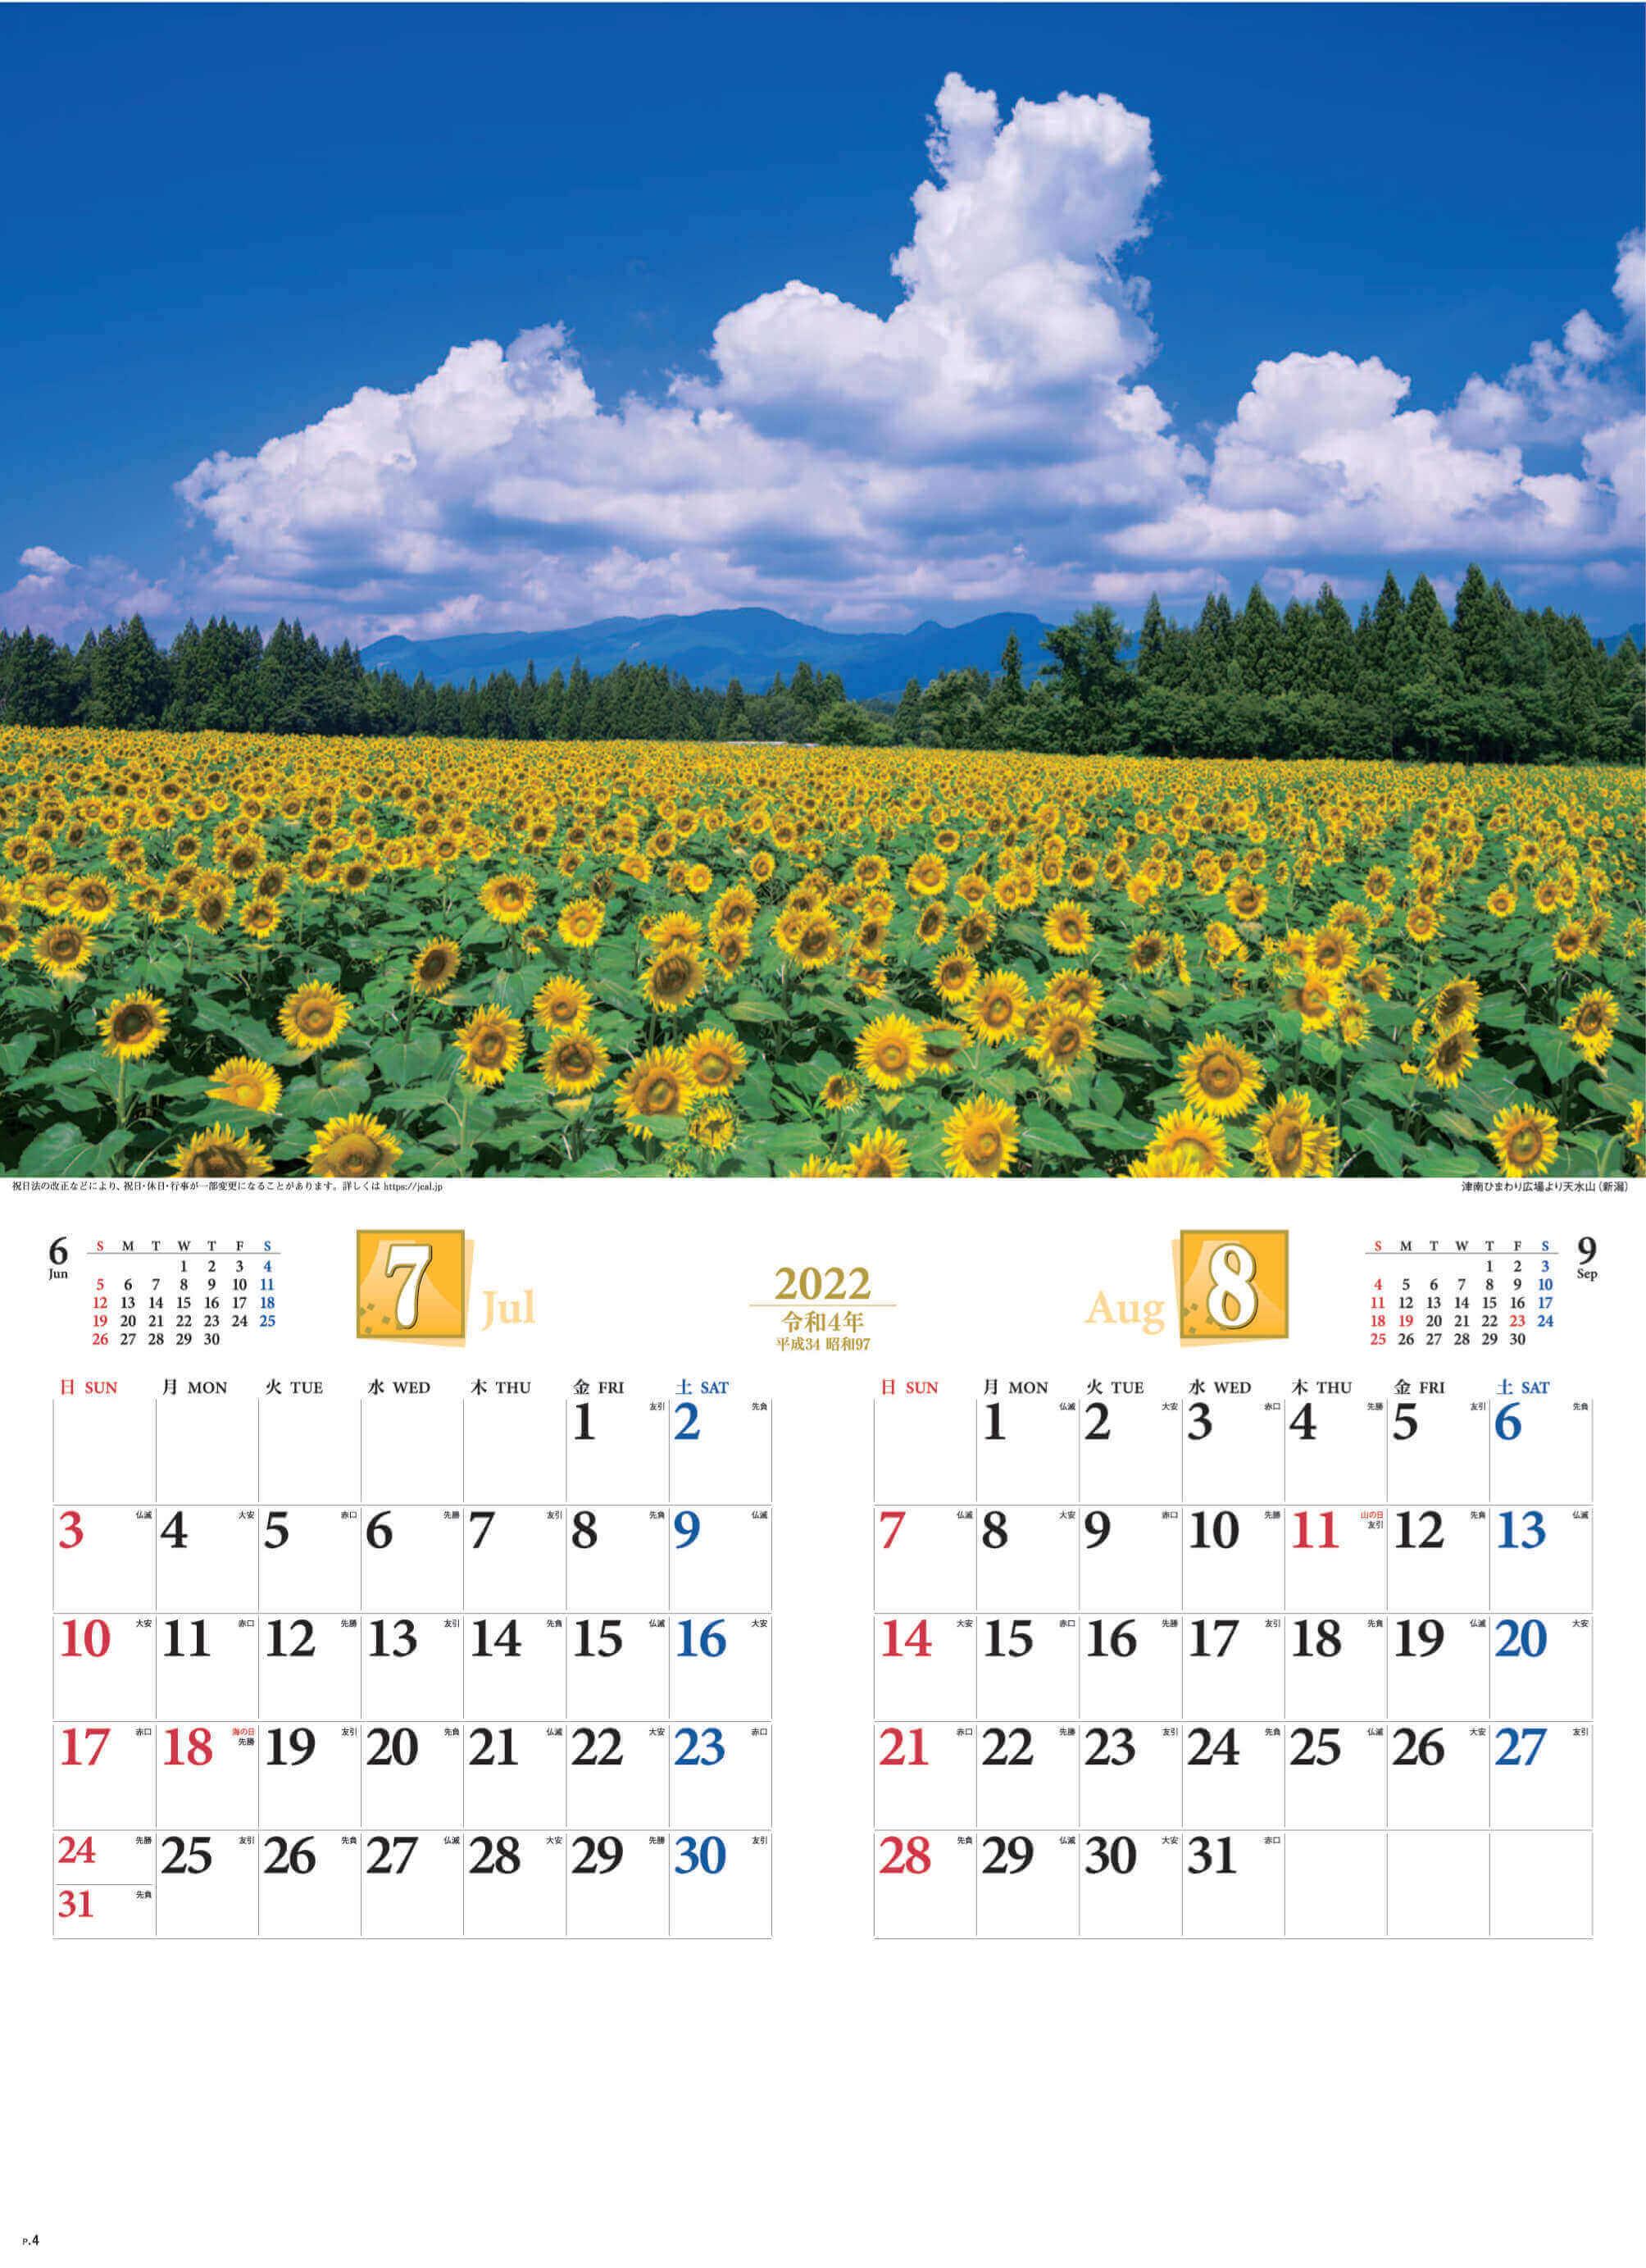 7-8月 津南ひまわり広場より天水山(新潟) 四季彩峰 2022年カレンダーの画像